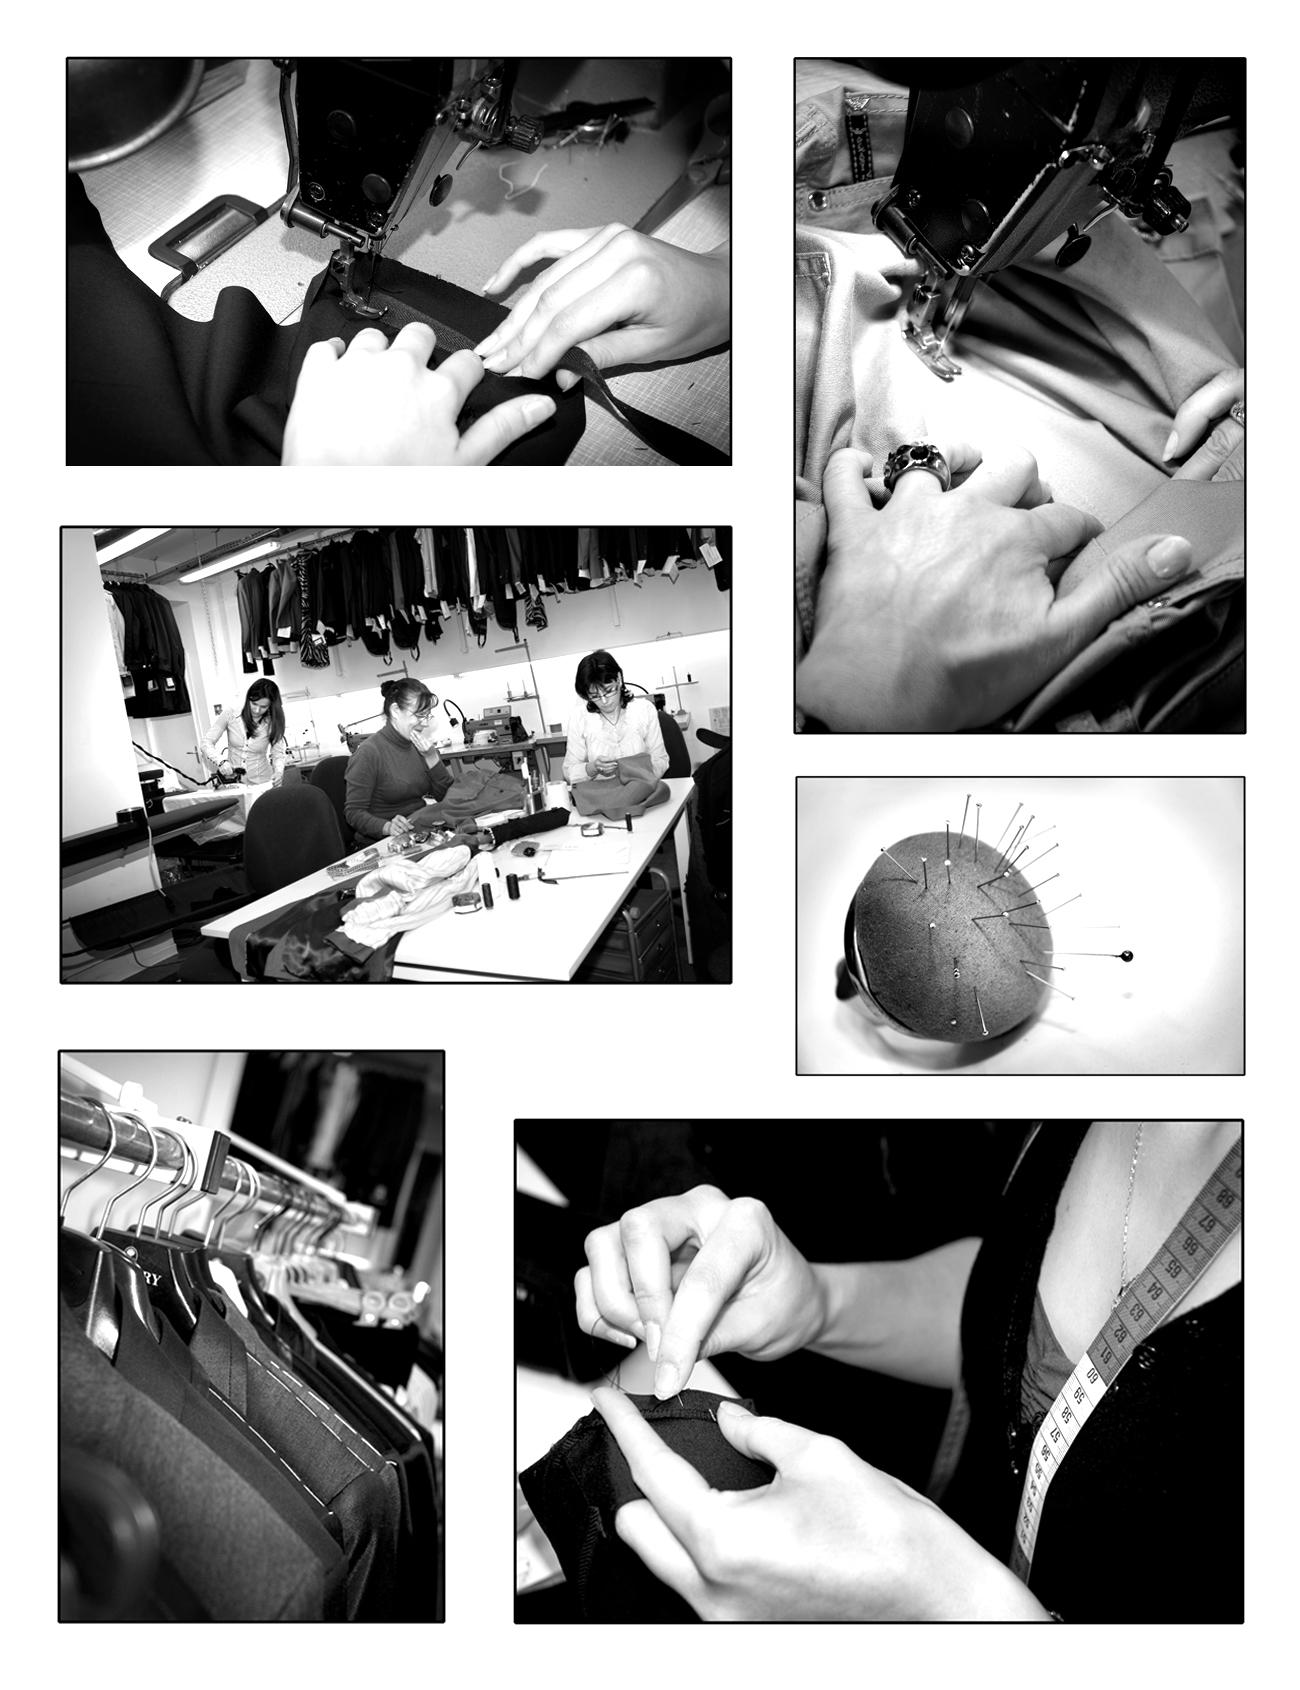 atelier de couture et retouches soulery